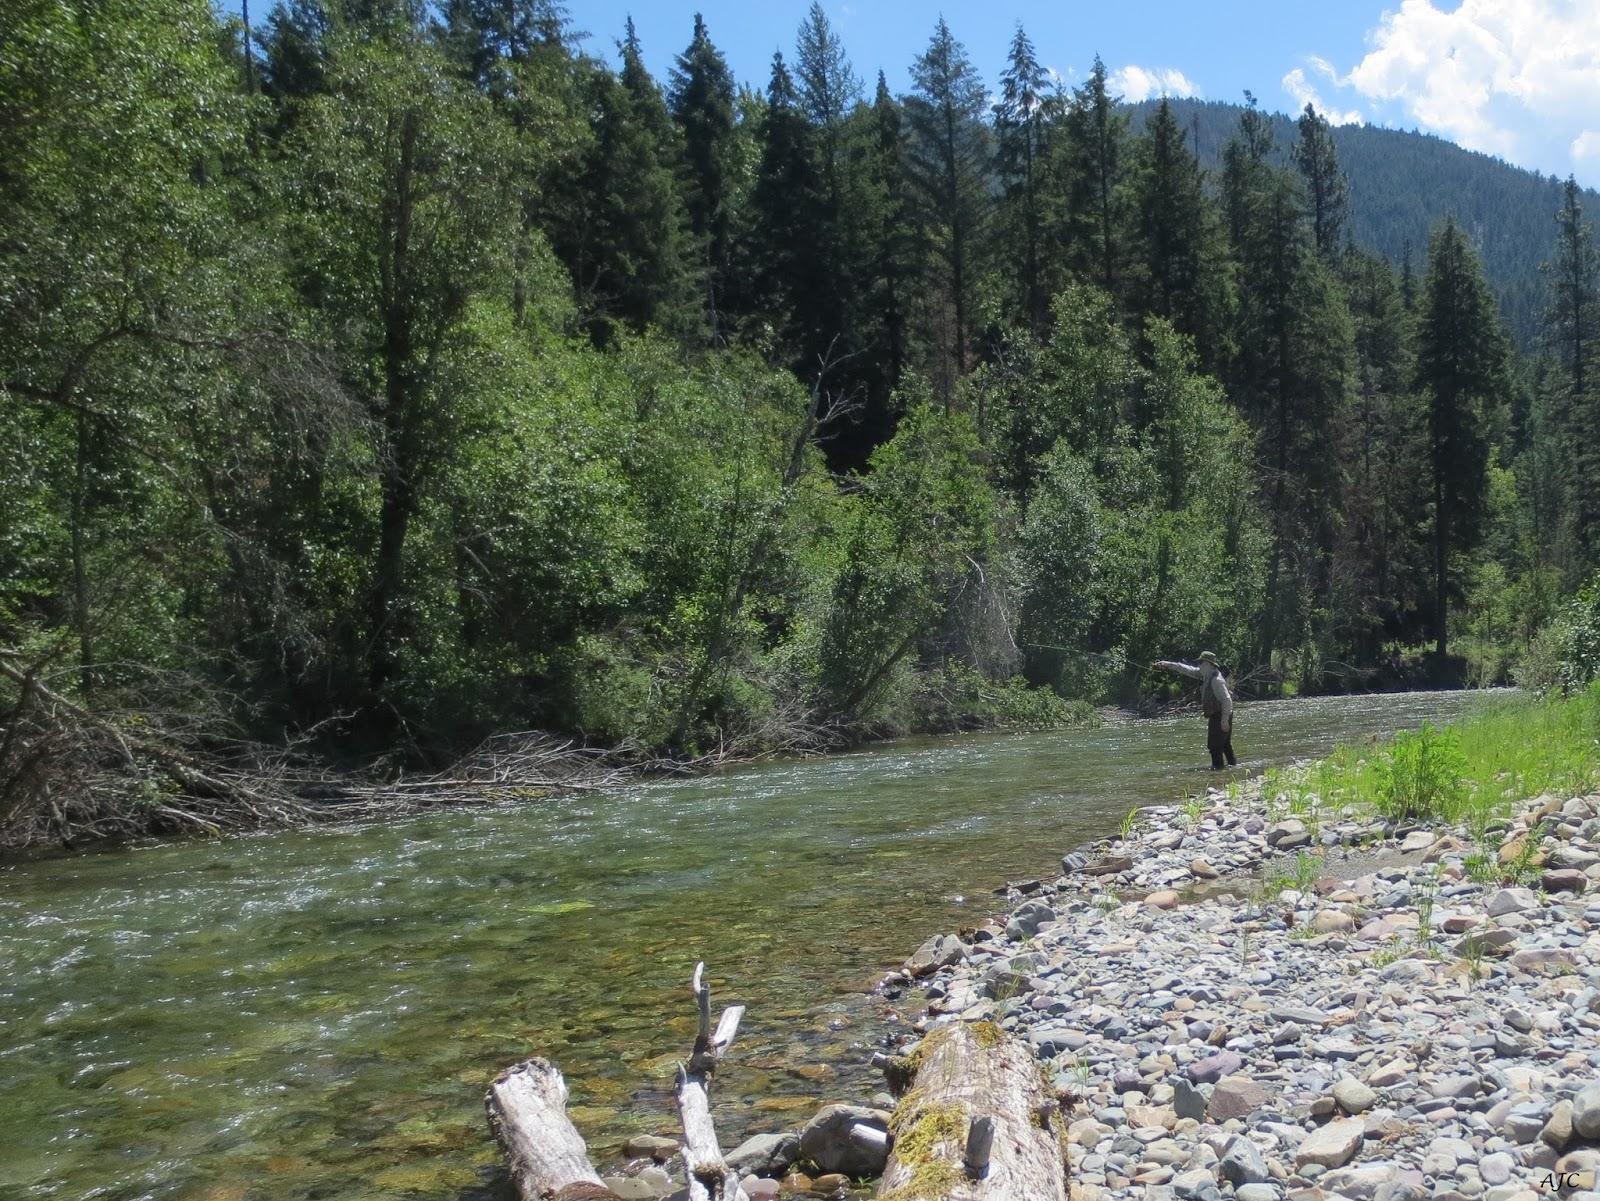 Idaho fly fishers idaho montana fishing fly fishing for Fly fishing boise idaho